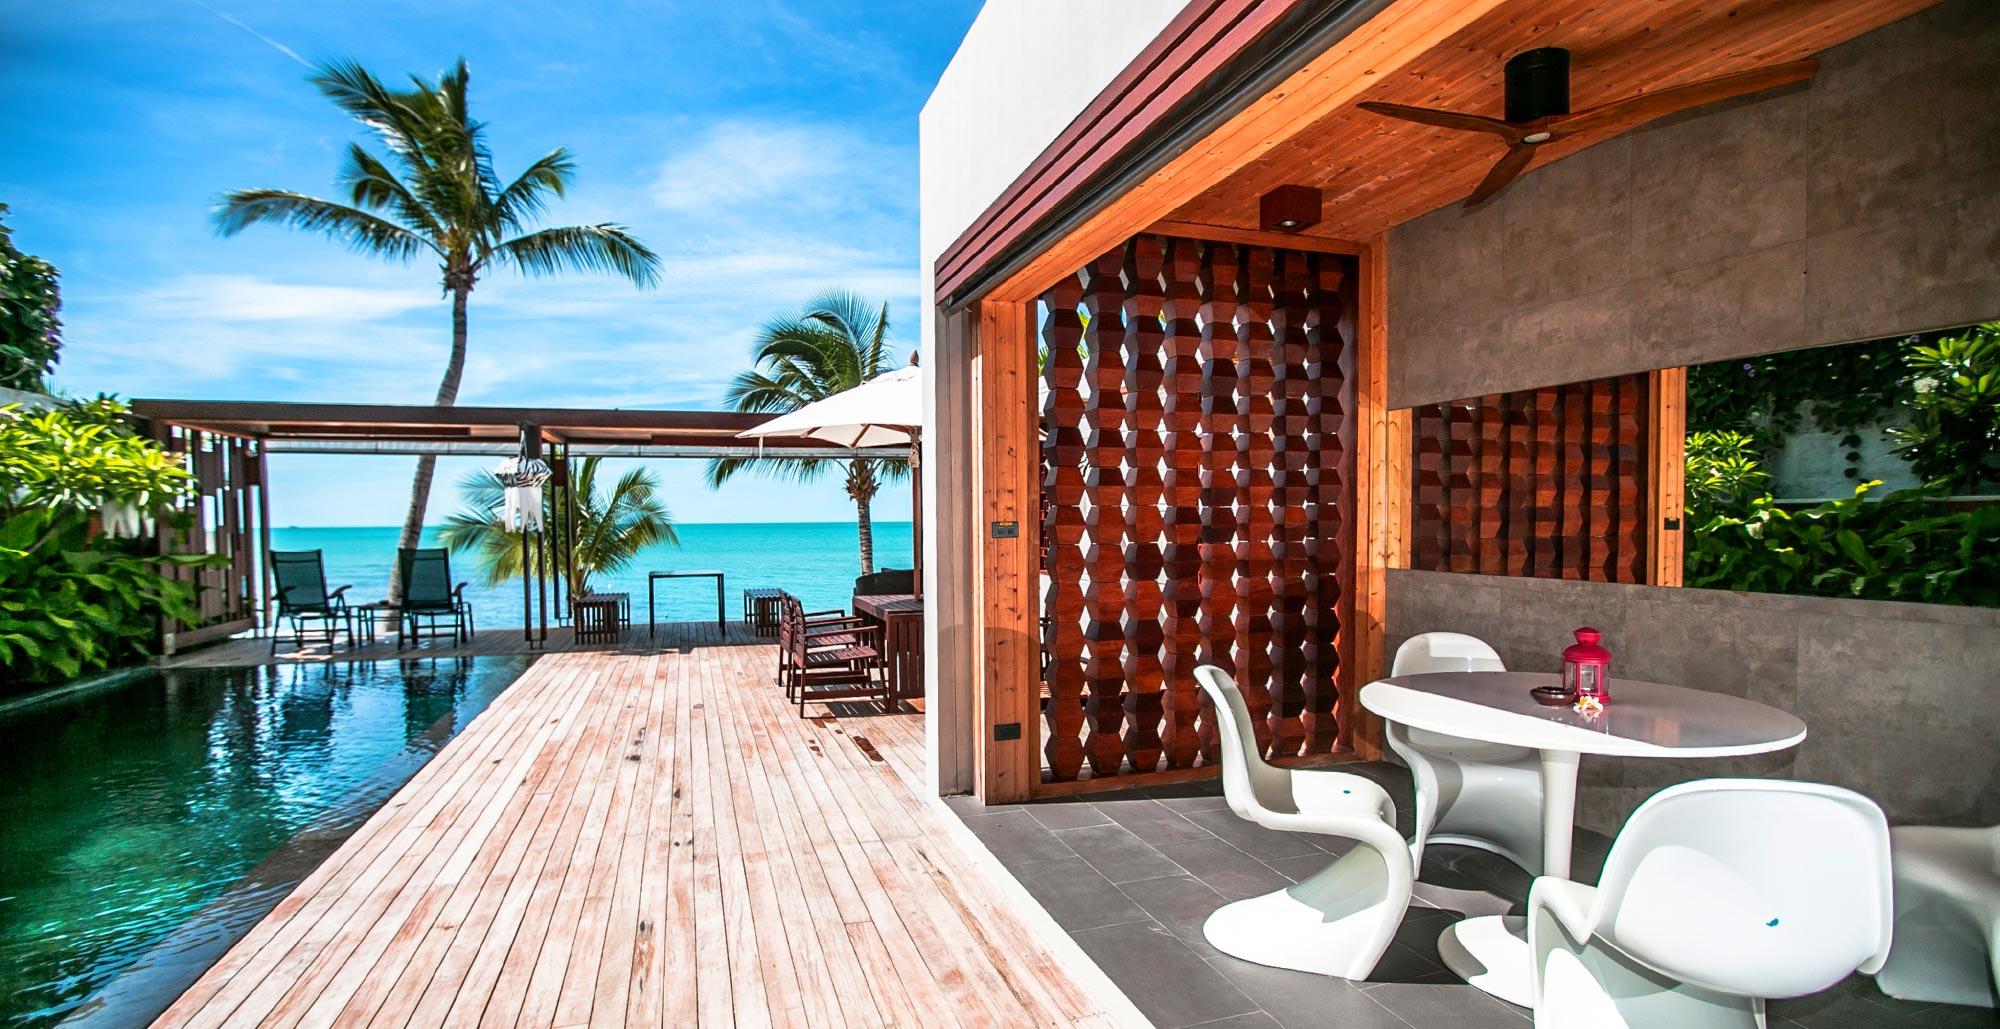 Thailande Location Vacances Villa Koh Samui 3 chambres avec Piscine privée  en résidence plage à Lamai